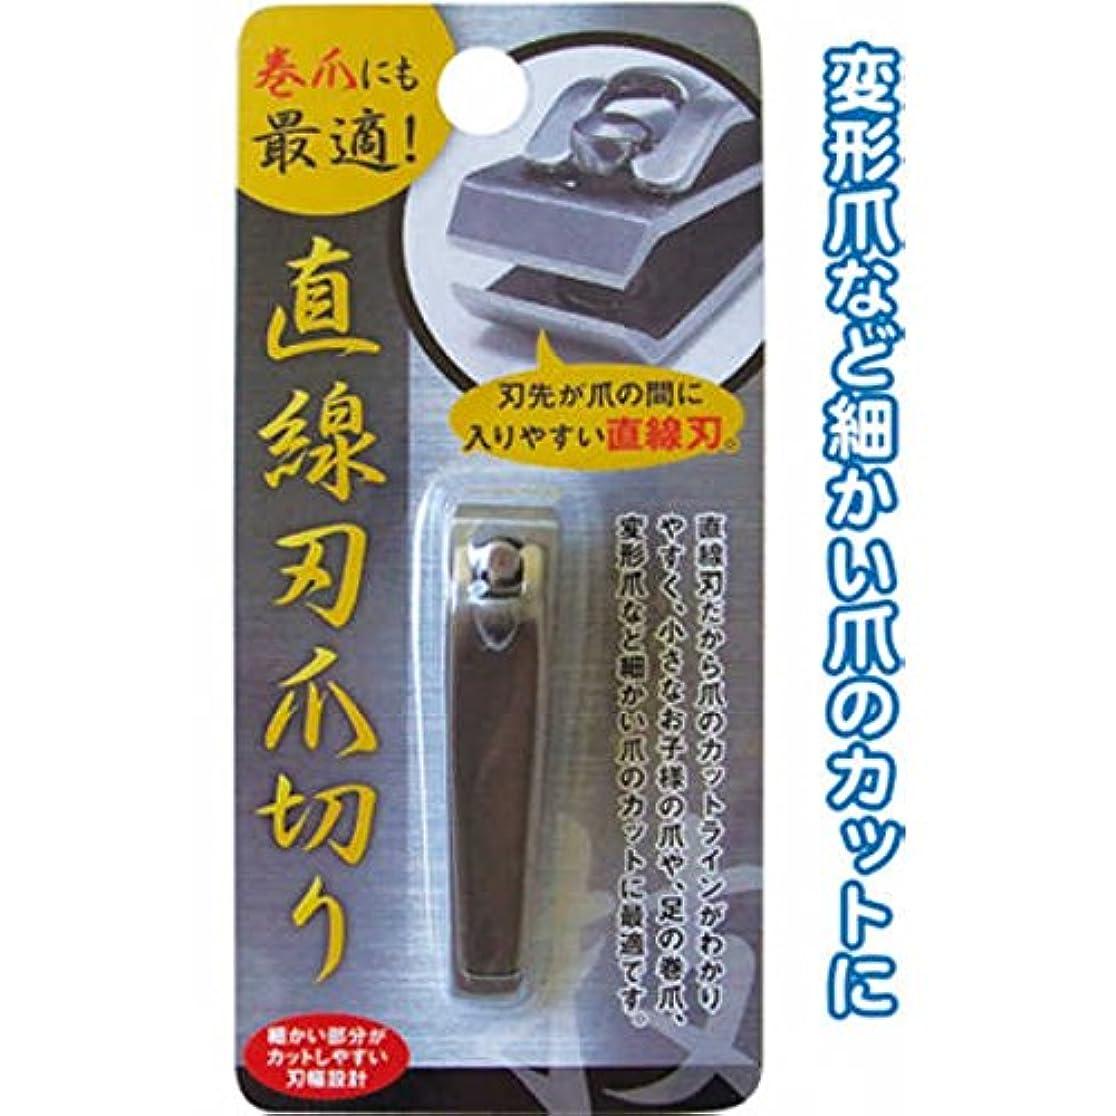 サンダル教えるセンサー巻爪にも最適!直線刃ステンレス爪切り 【まとめ買い12個セット】 18-601